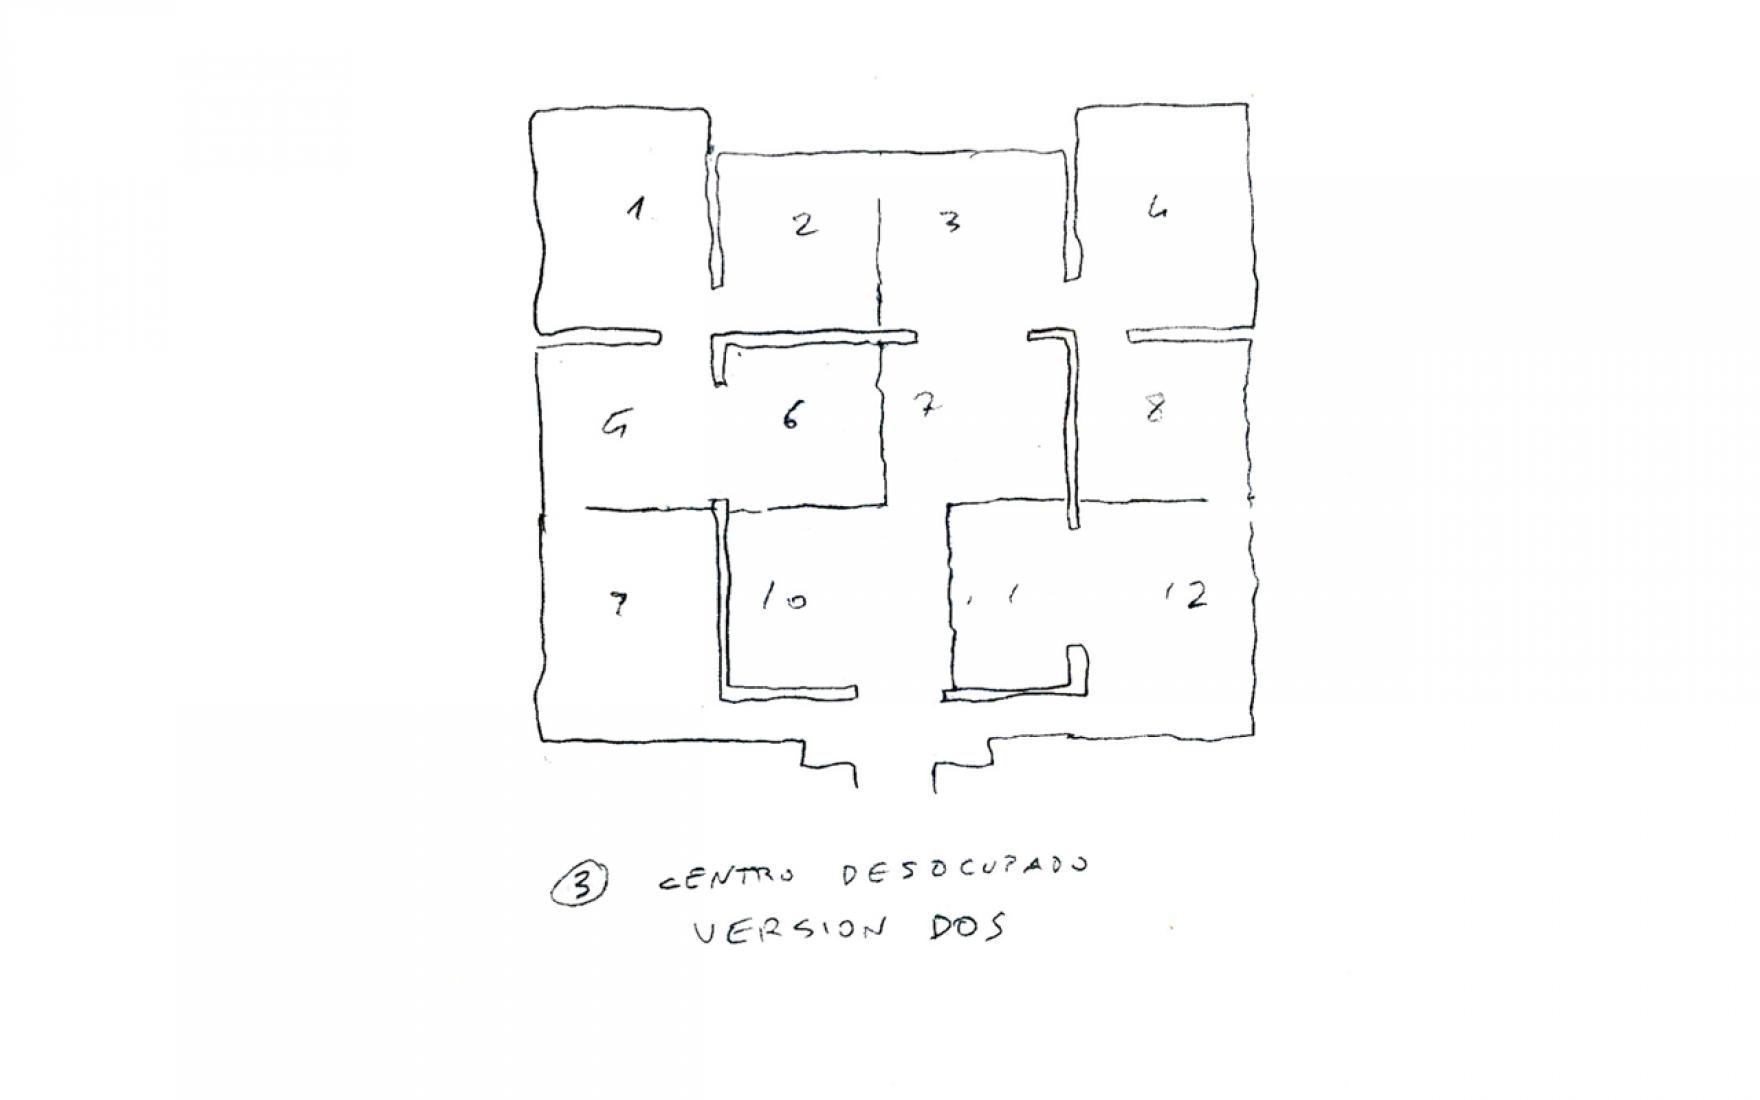 Esquemas previos, Iñaki Ábalos. El laberinto de laberintos. Pabellón Español en la Bienal de Arquitectura de Venecia 2014. Imagen © cortesía de equipo del comisariado.